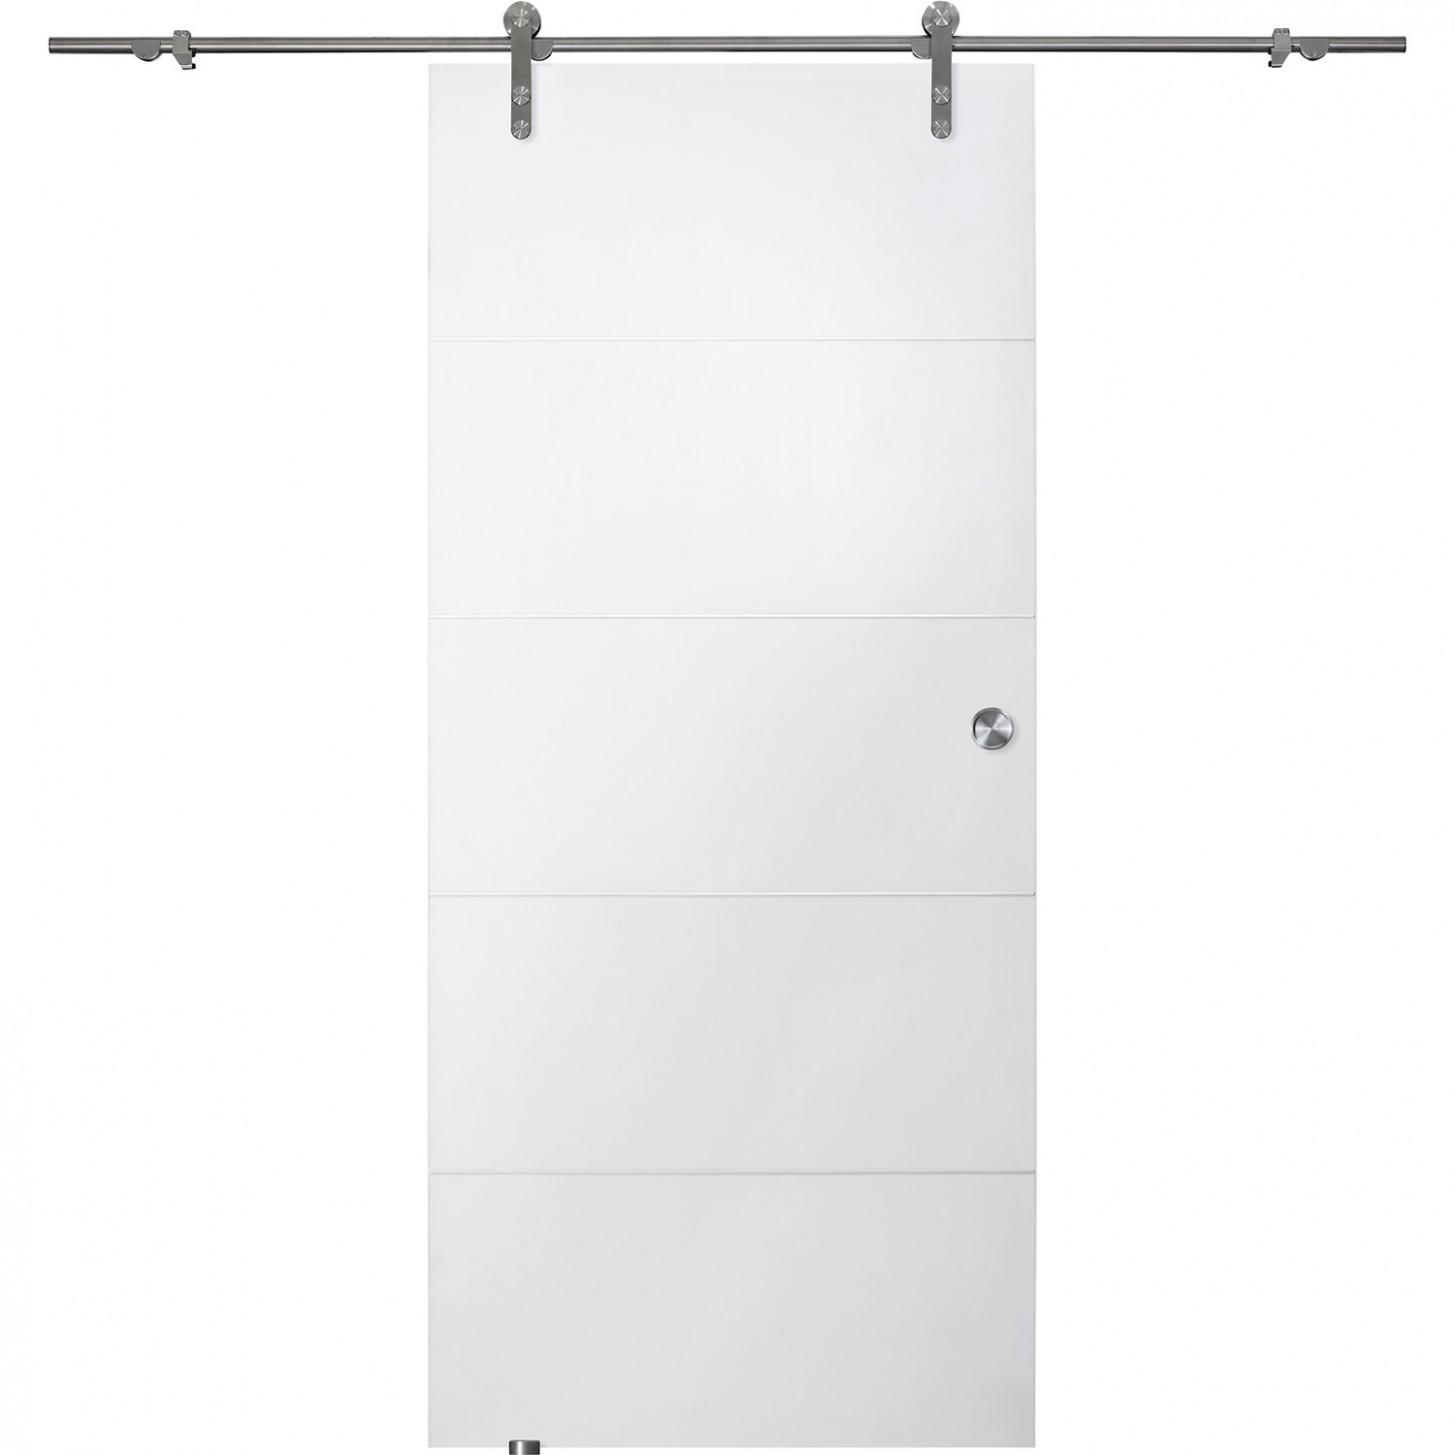 Kolekce Myšlenky (25 Obrazek) Nejnovejsi Interierove Dvere Ikea